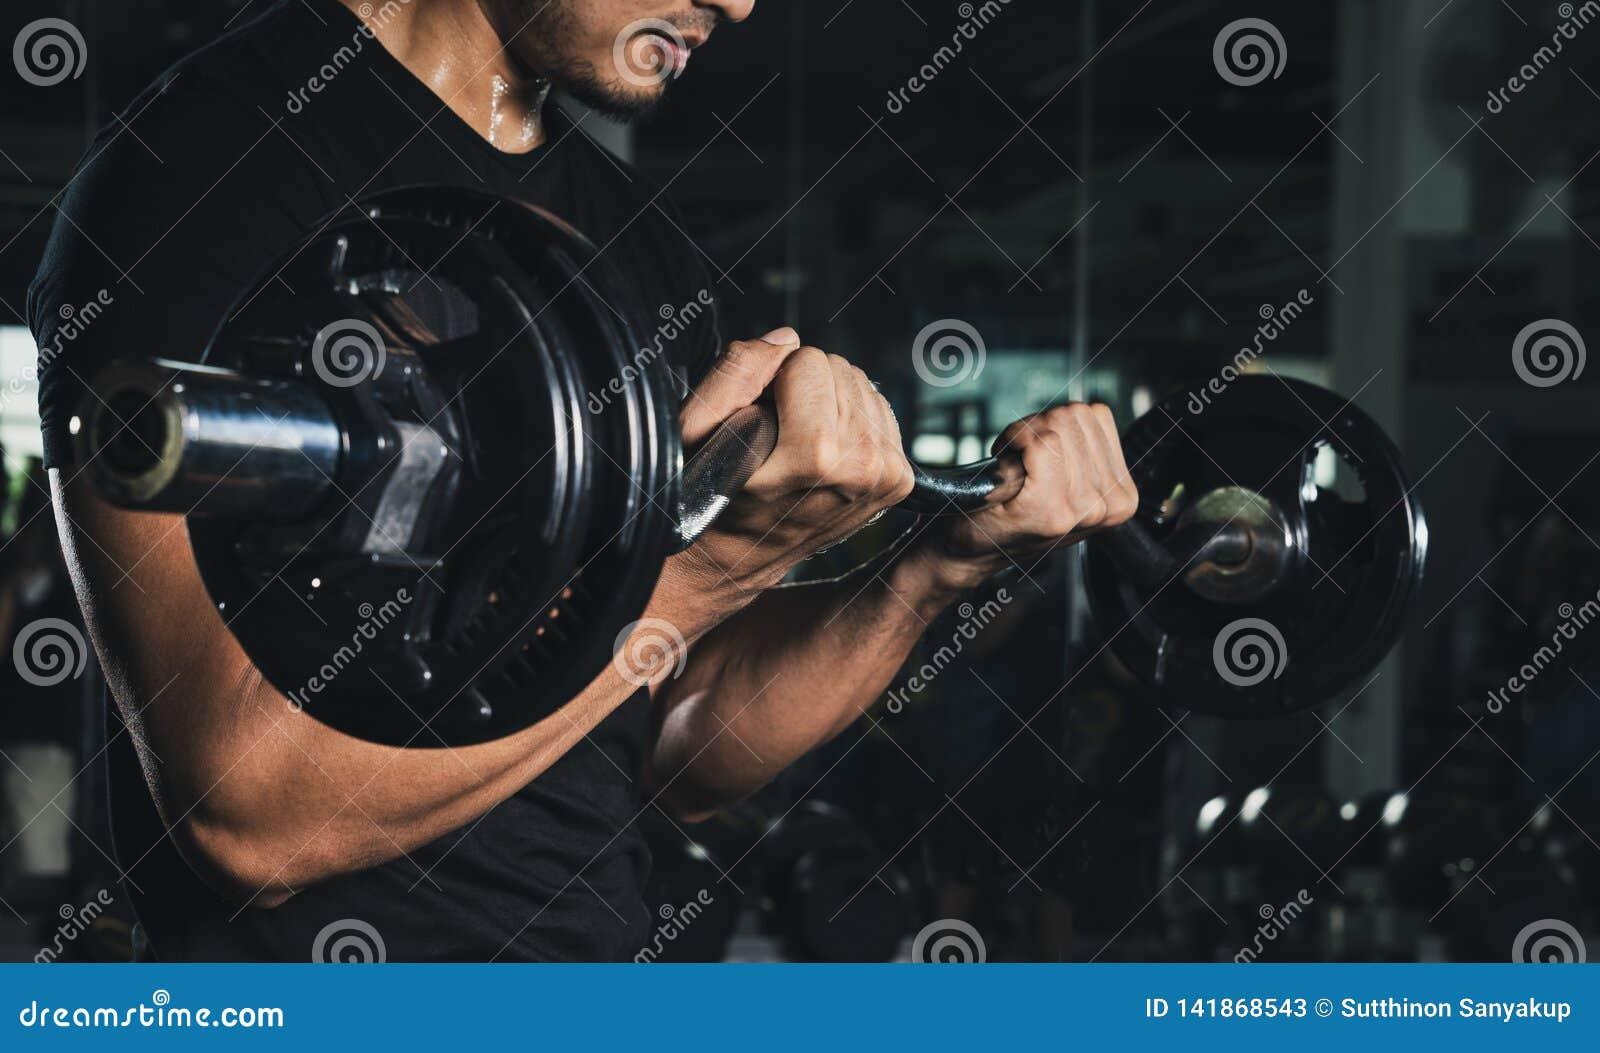 Utbildning med skivstången, idrotts- shirtless ung sportman - konditionmodell med skivstången i idrottshallen, stilig weightlifte